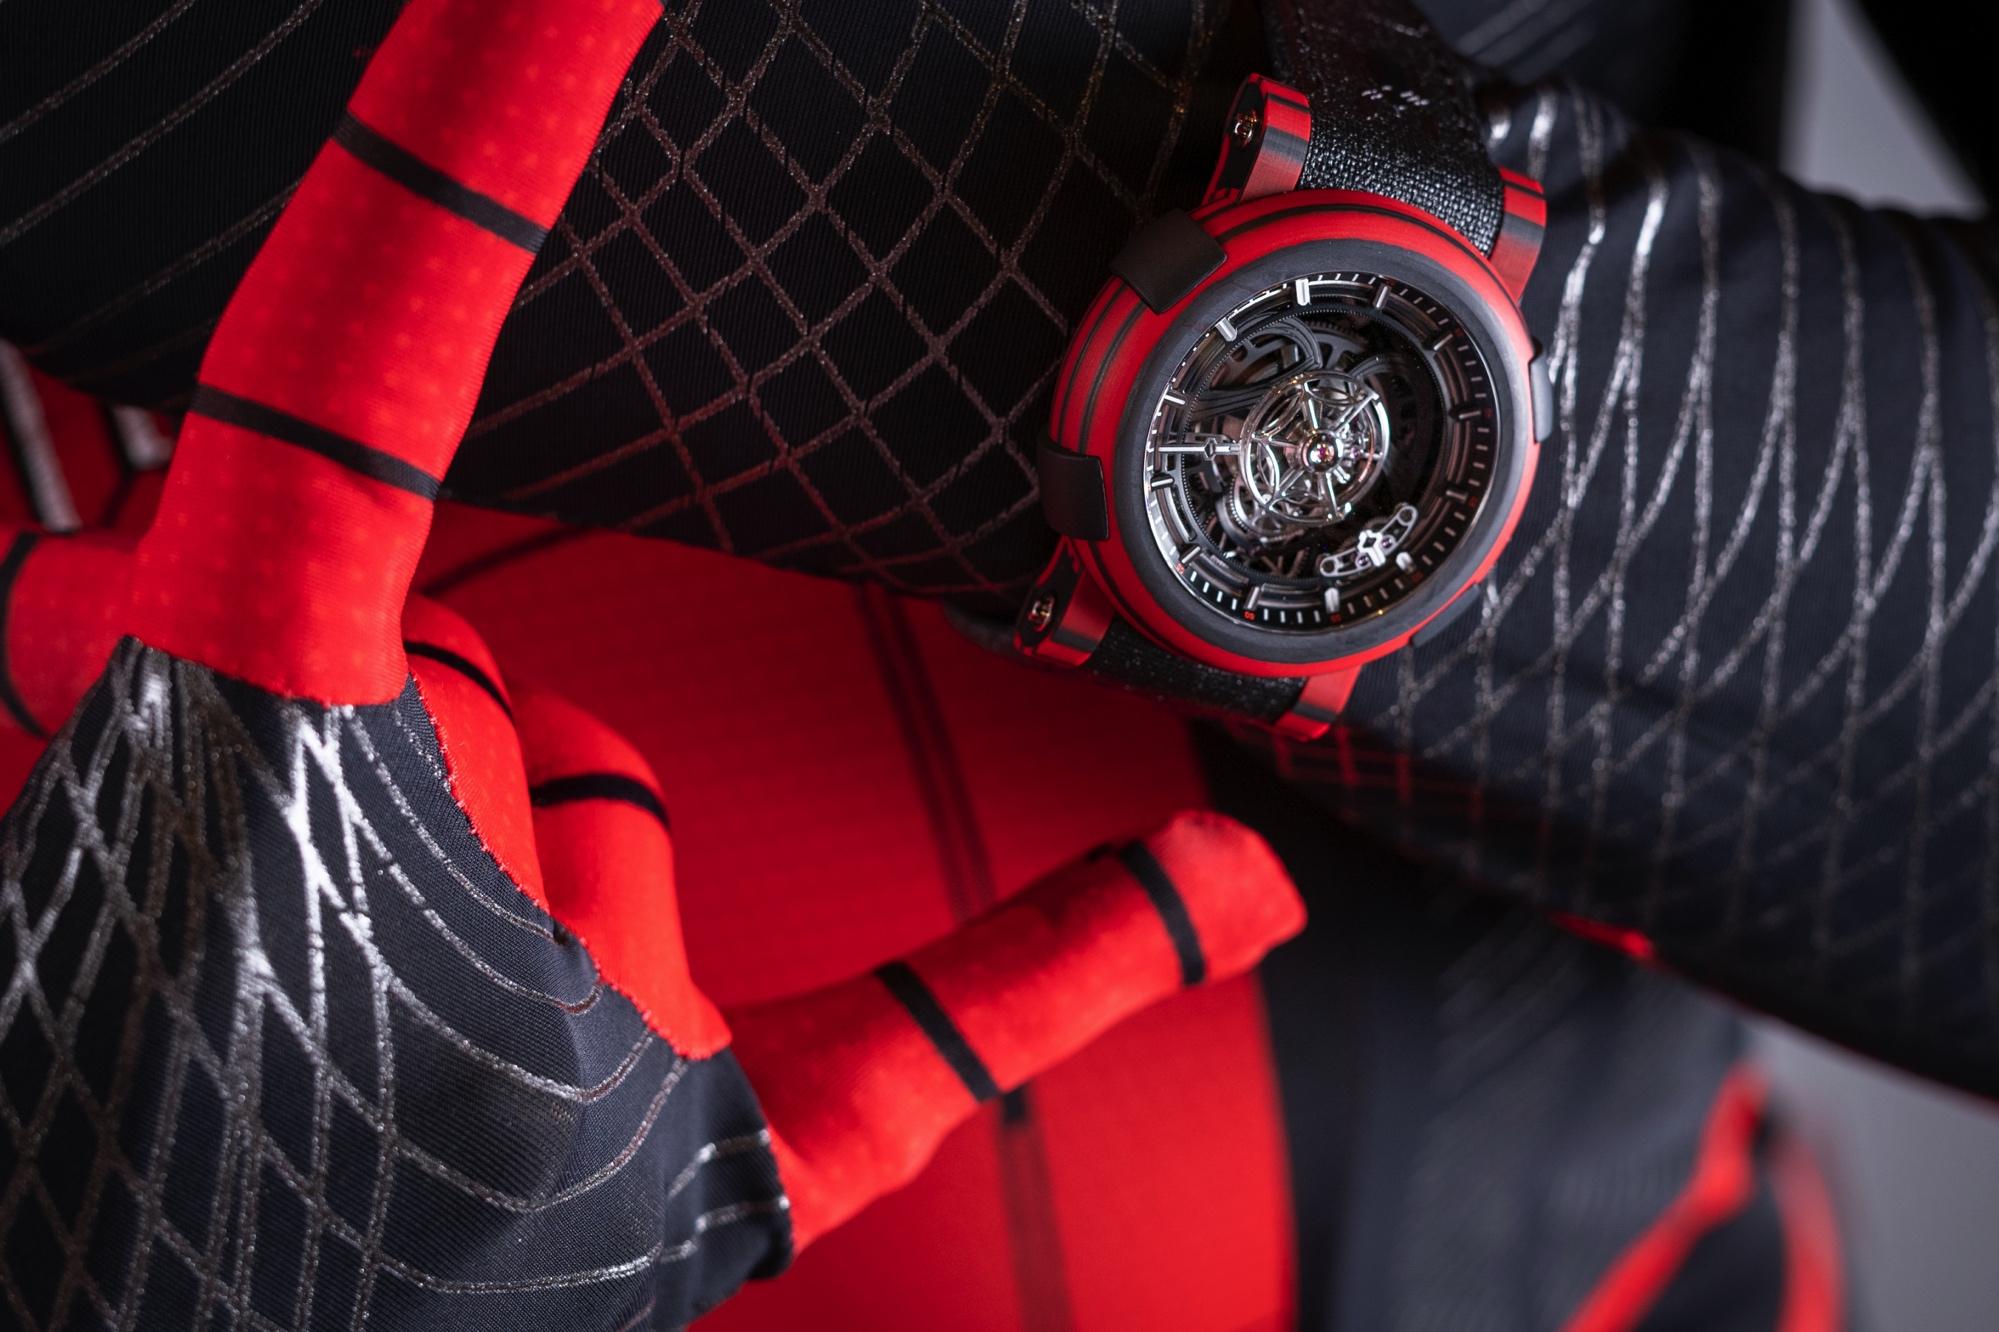 RJ Arraw Spider Man Tourbillon